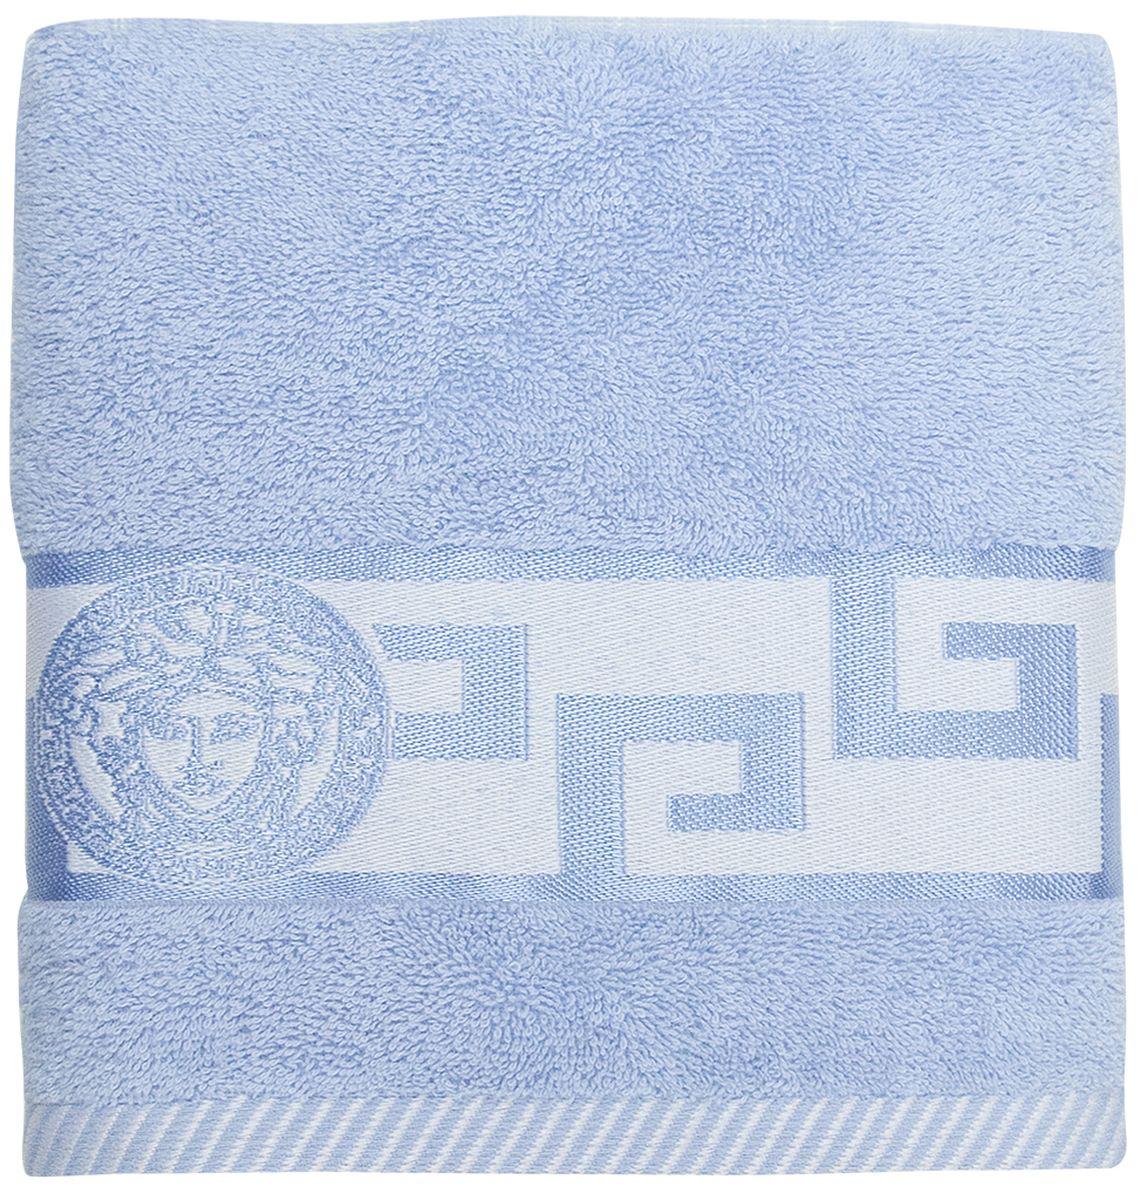 Полотенце банное Bonita Медея, цвет: азур, 50 x 90 см1011217227Банное полотенце Bonita Медея выполнено из 100% хлопка. Изделие отлично впитывает влагу, быстро сохнет, сохраняет яркость цвета и не теряет форму даже после многократных стирок. Такое полотенце очень практично и неприхотливо в уходе. Оно создаст прекрасное настроение и украсит интерьер в ванной комнате.